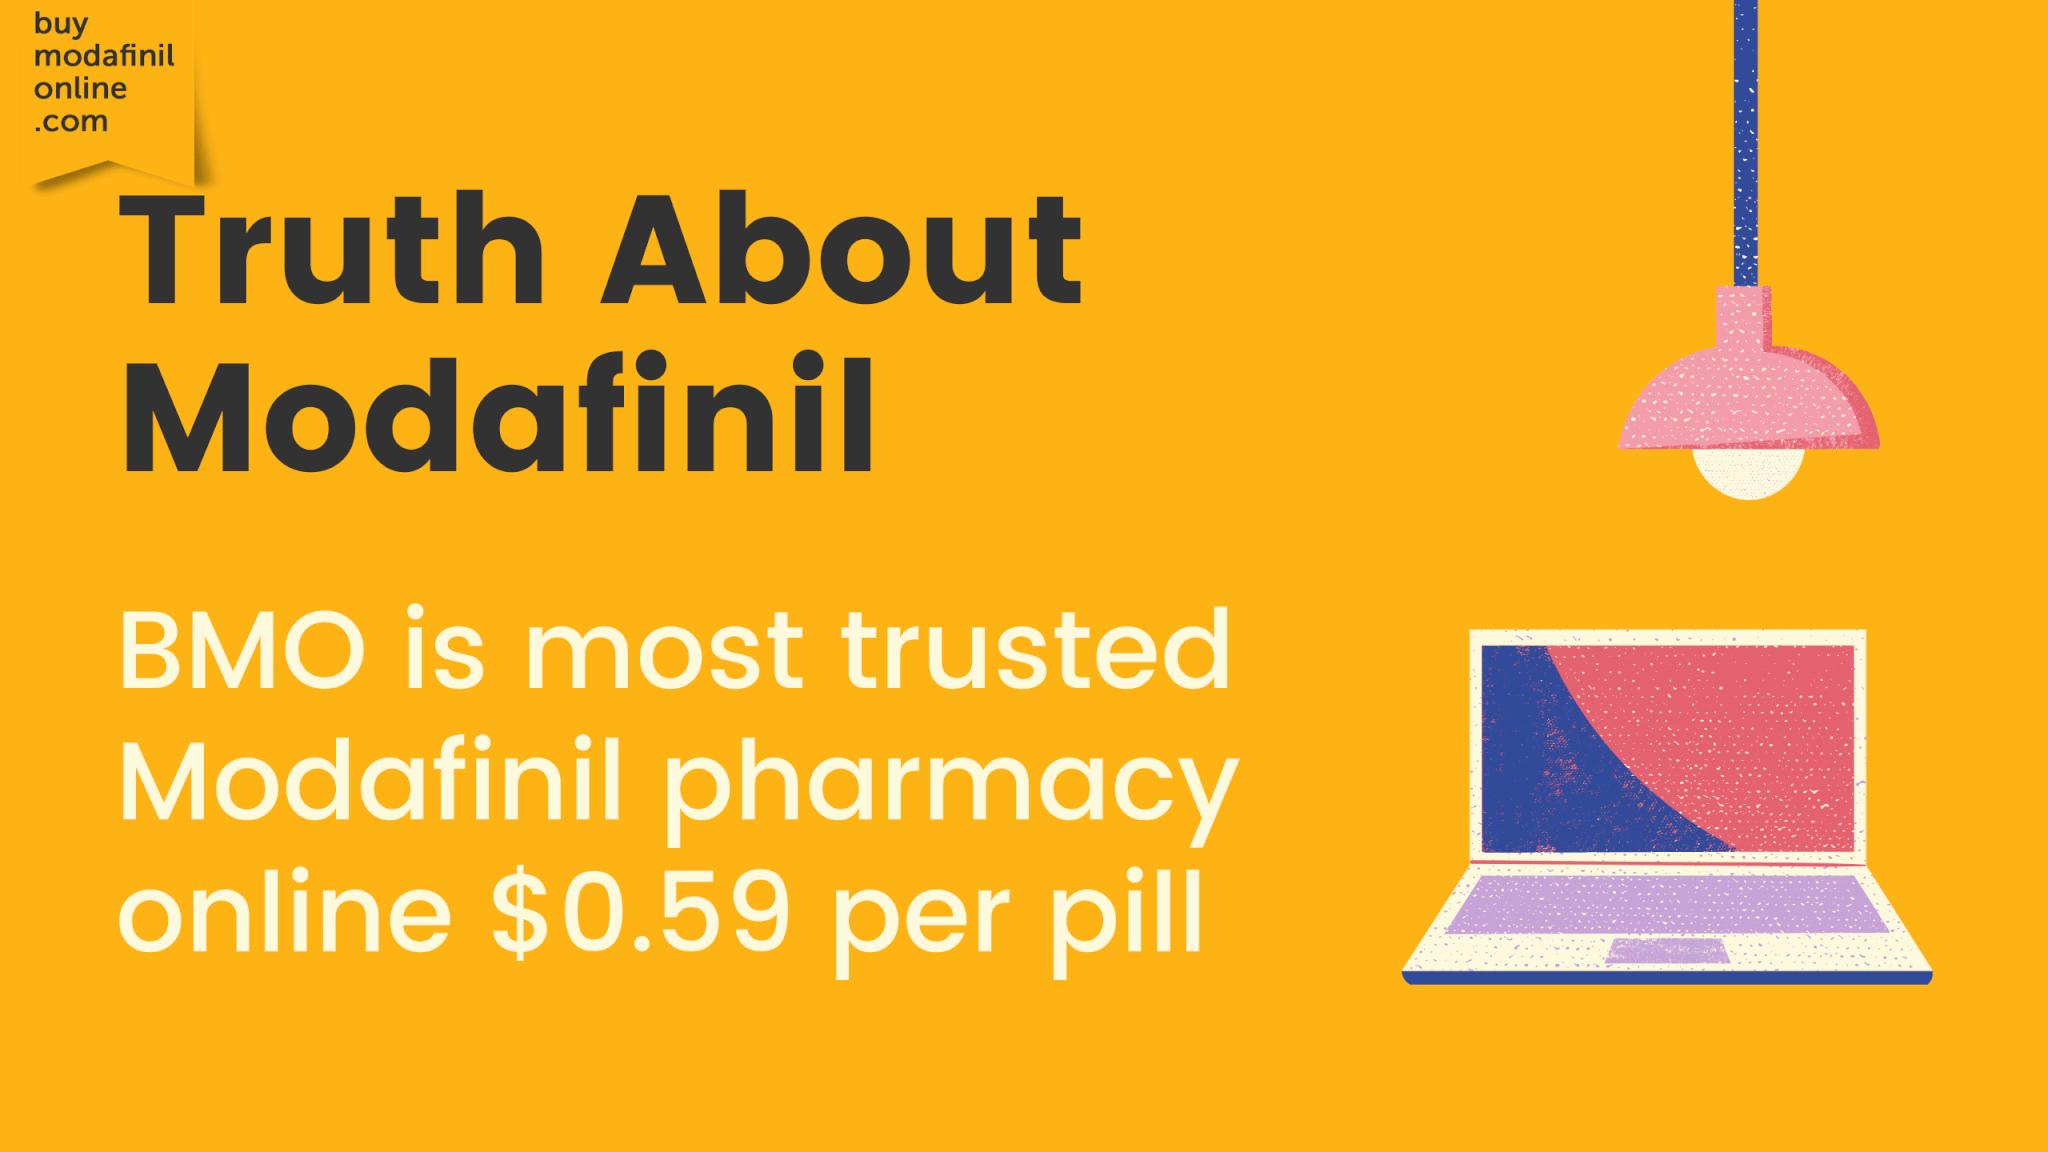 Die ganze Wahrheit über Modafinil (smartes Medikament)